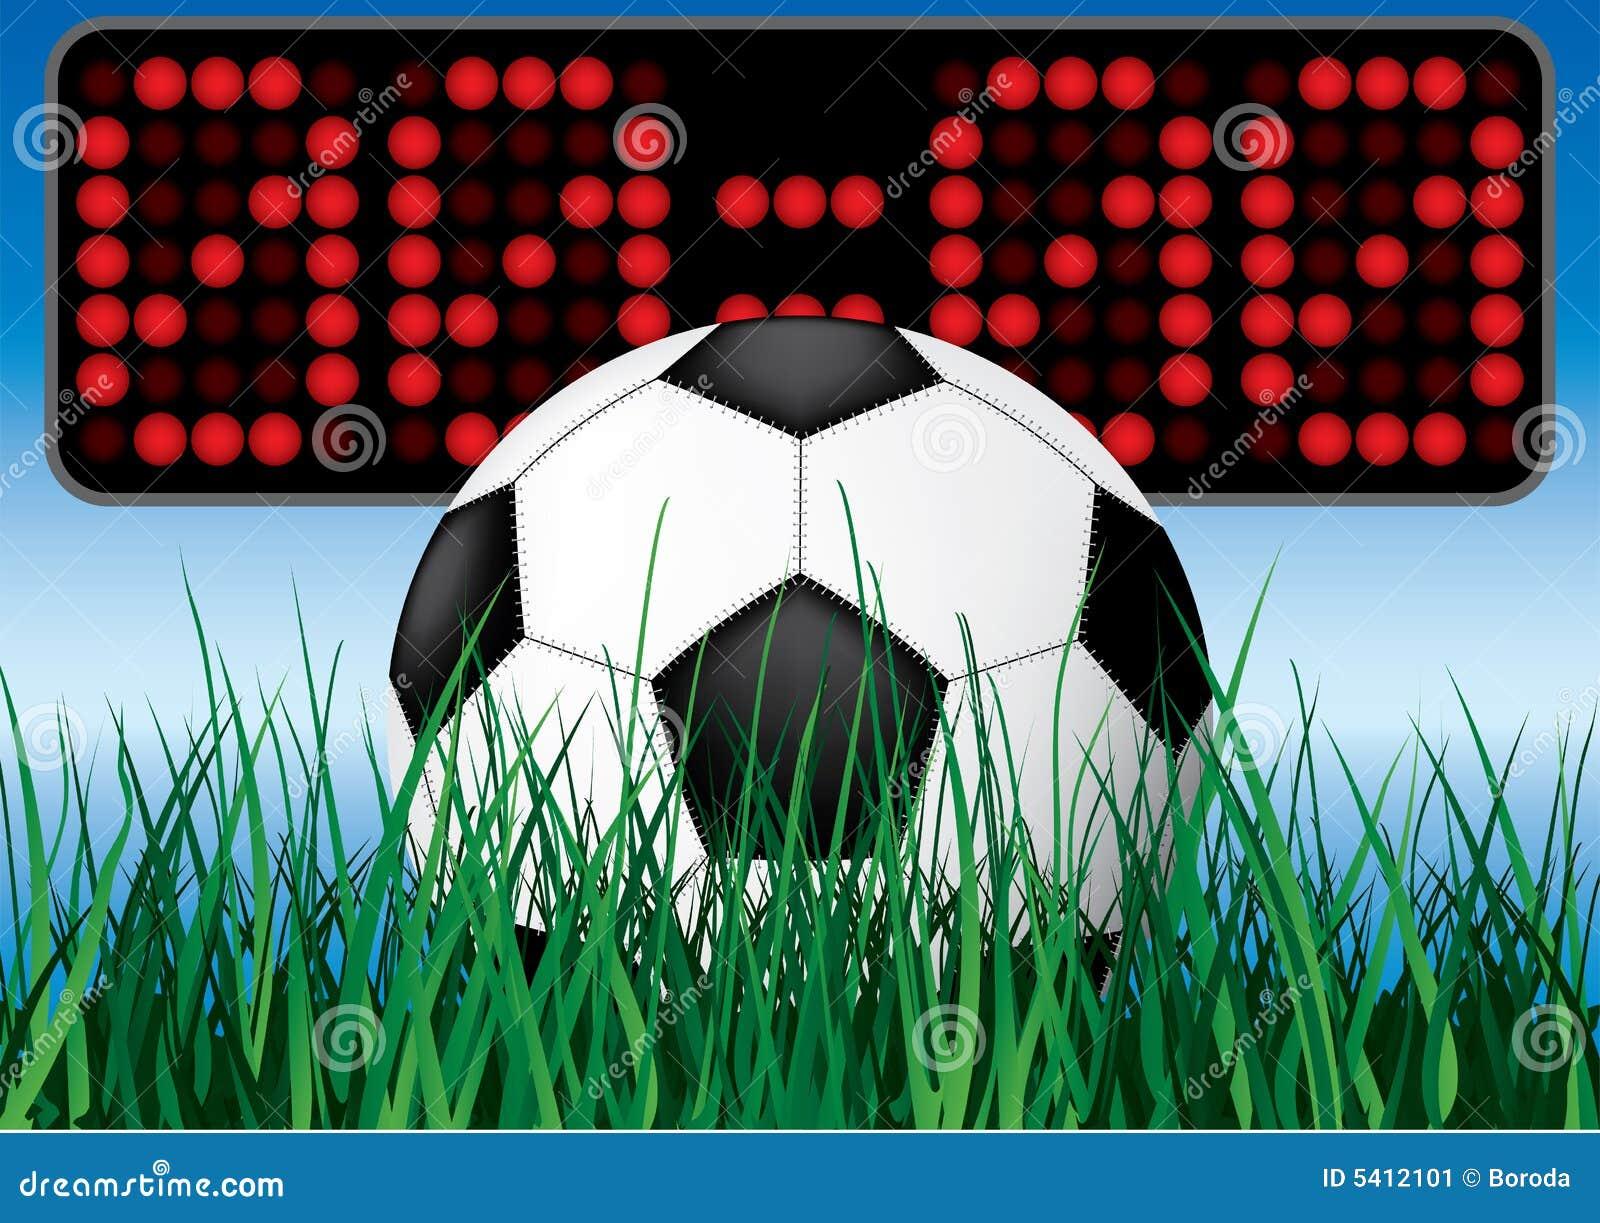 Beginning Soccer Game Stock Vector Illustration Of Goalie 5412101